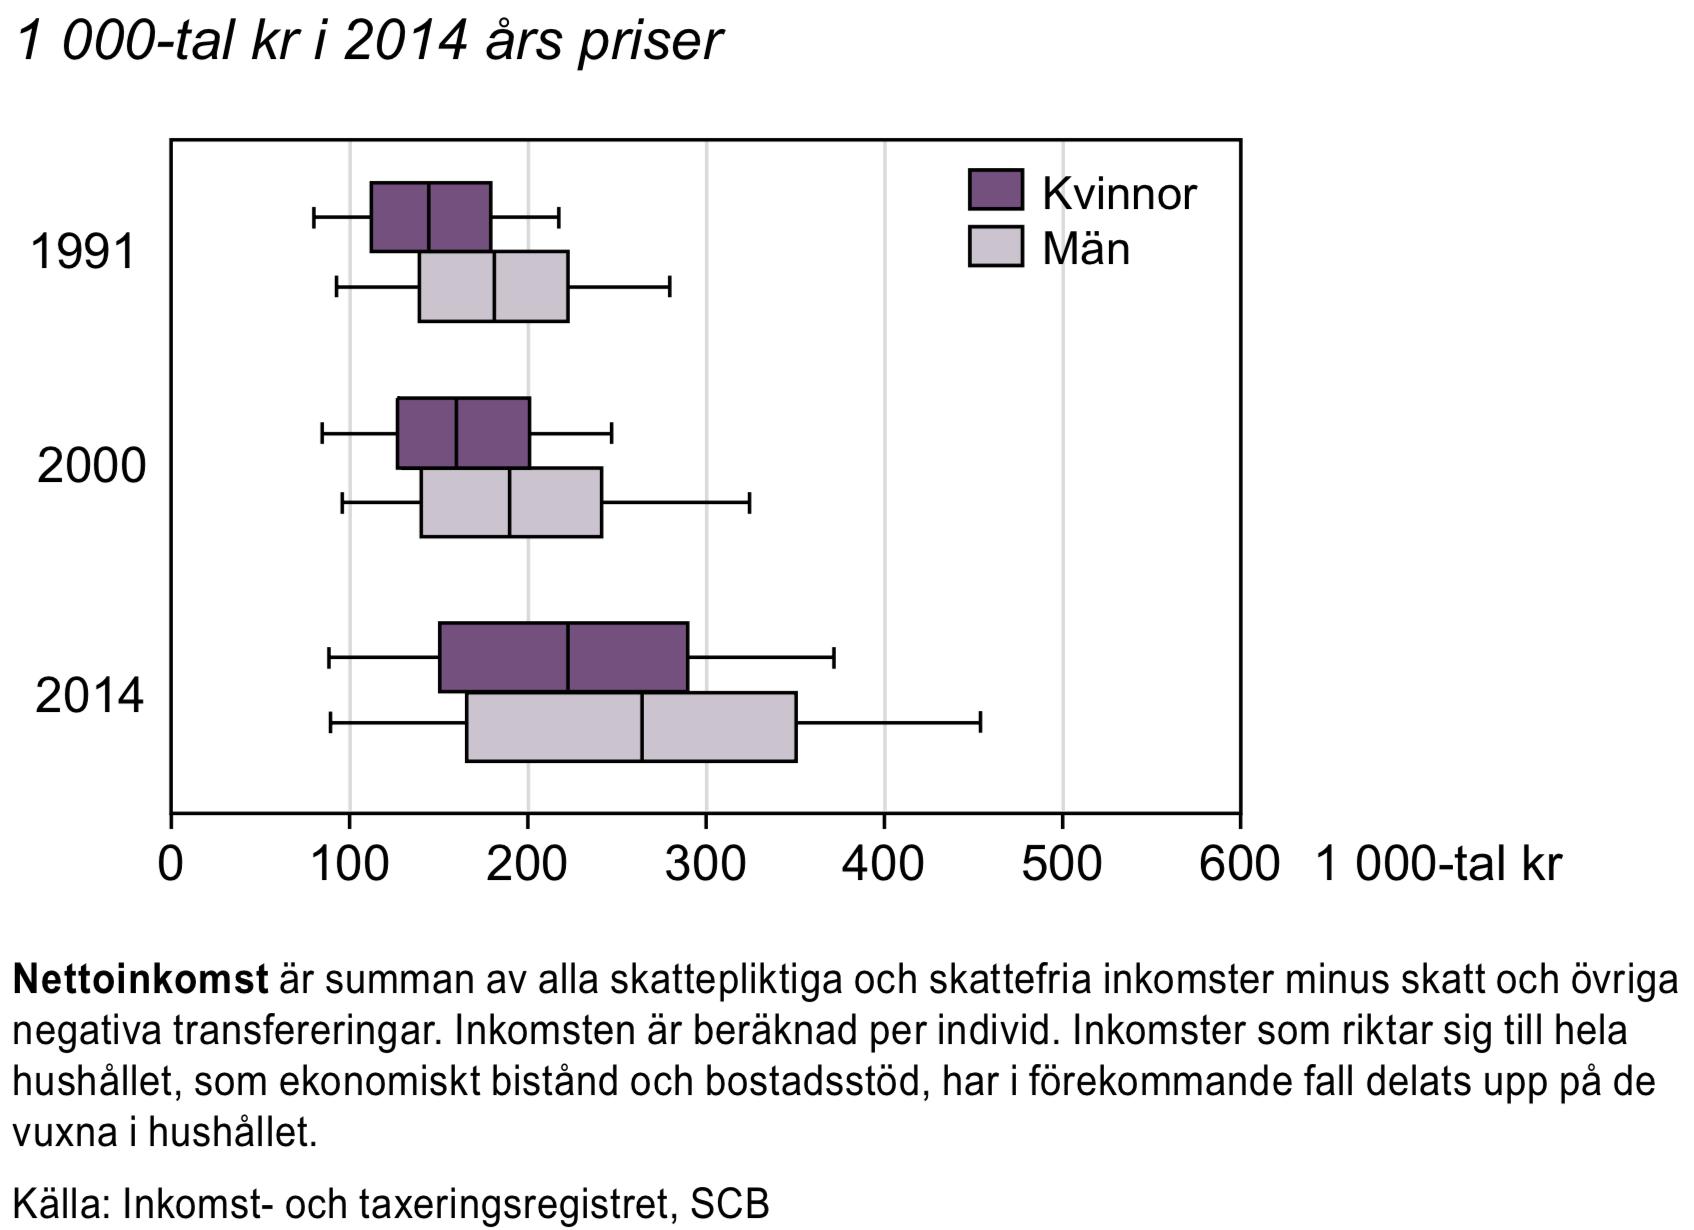 Nettoinkomst för individer 20-64 år 1991, 2000 och 2014